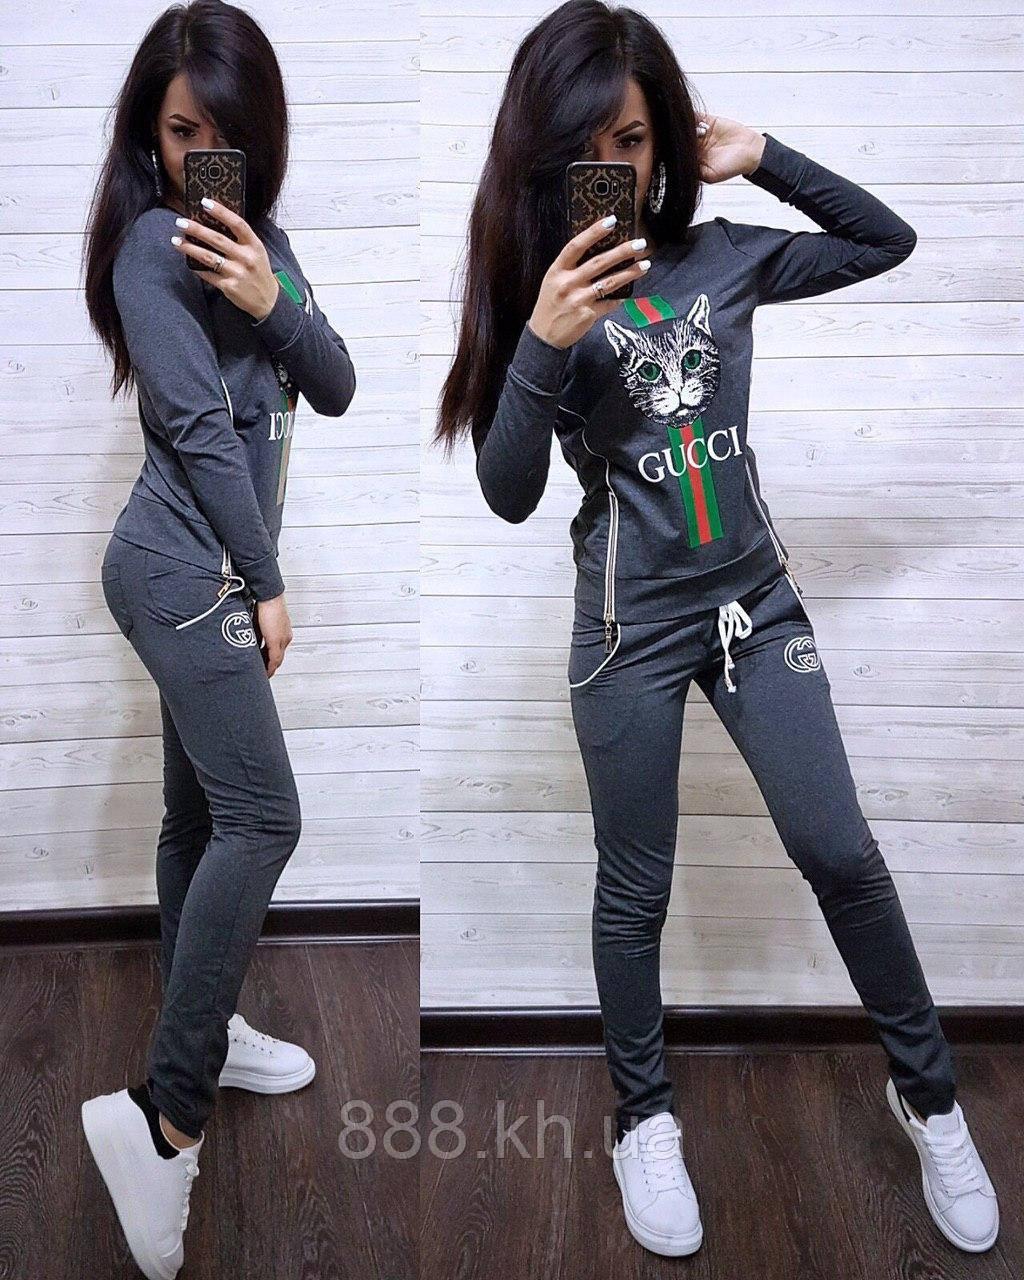 Женский спортивный костюм, костюм для прогулок S/M/L/XL/2XL (темно-серый)